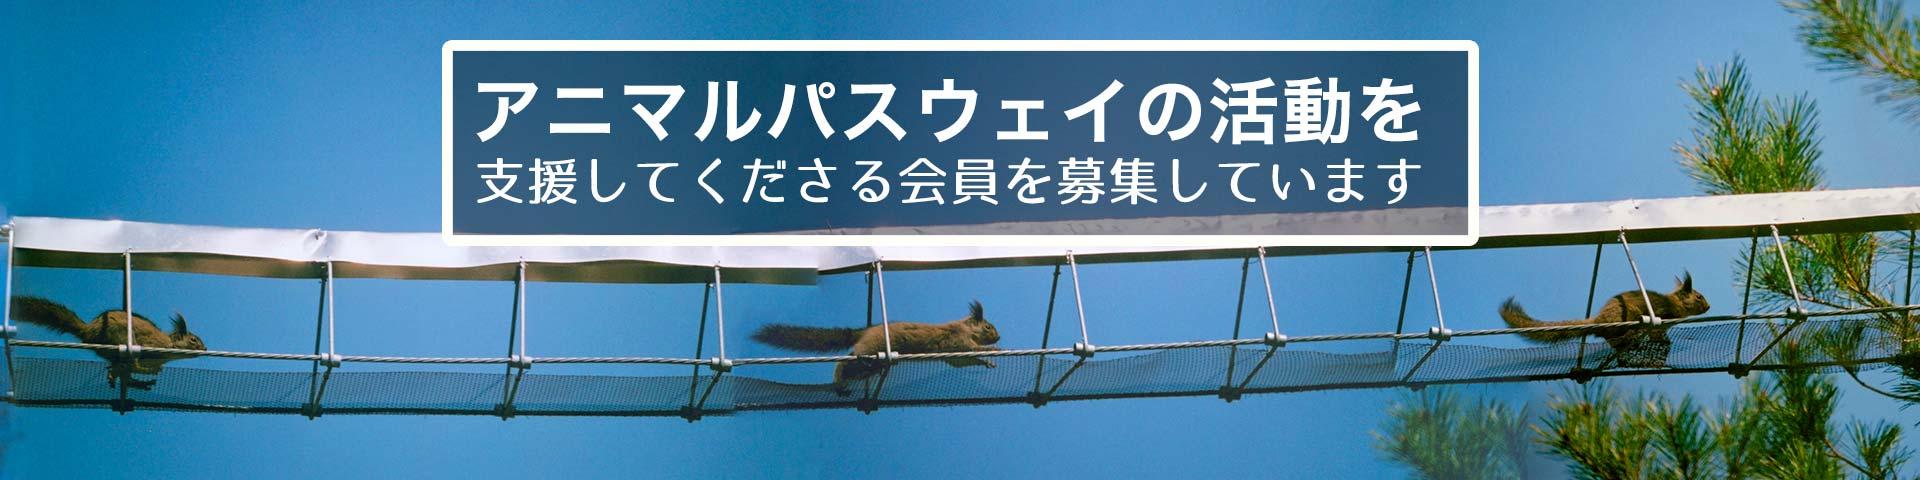 一般社団法人アニマルパスウェイと野生生物の会 | Animal-pathway & Wildlife Association